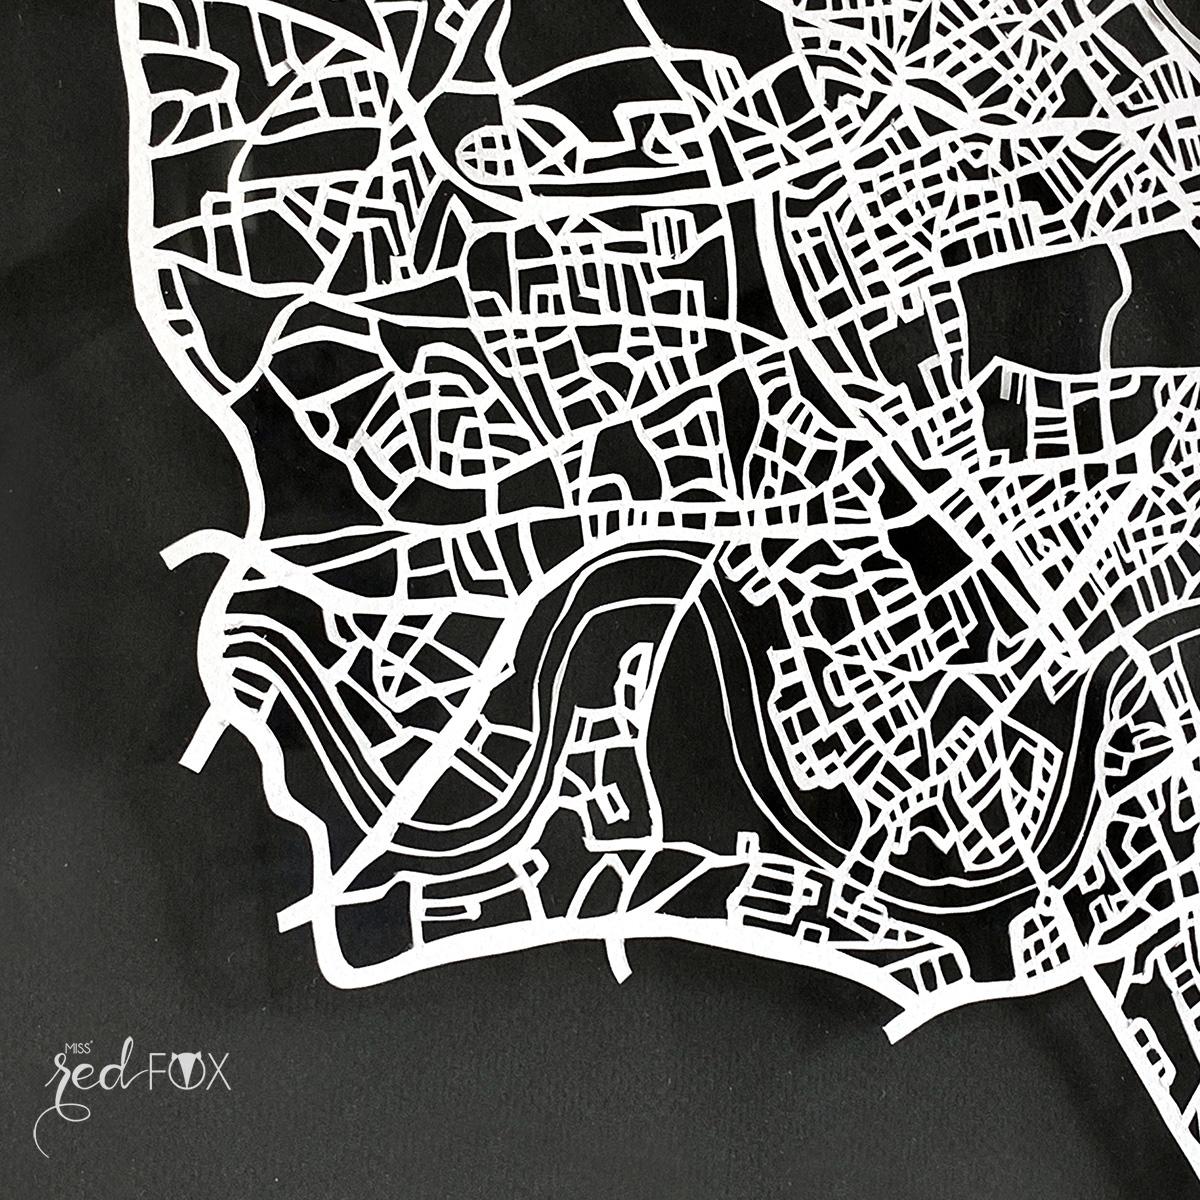 missredfox - London Papercut XXL 07